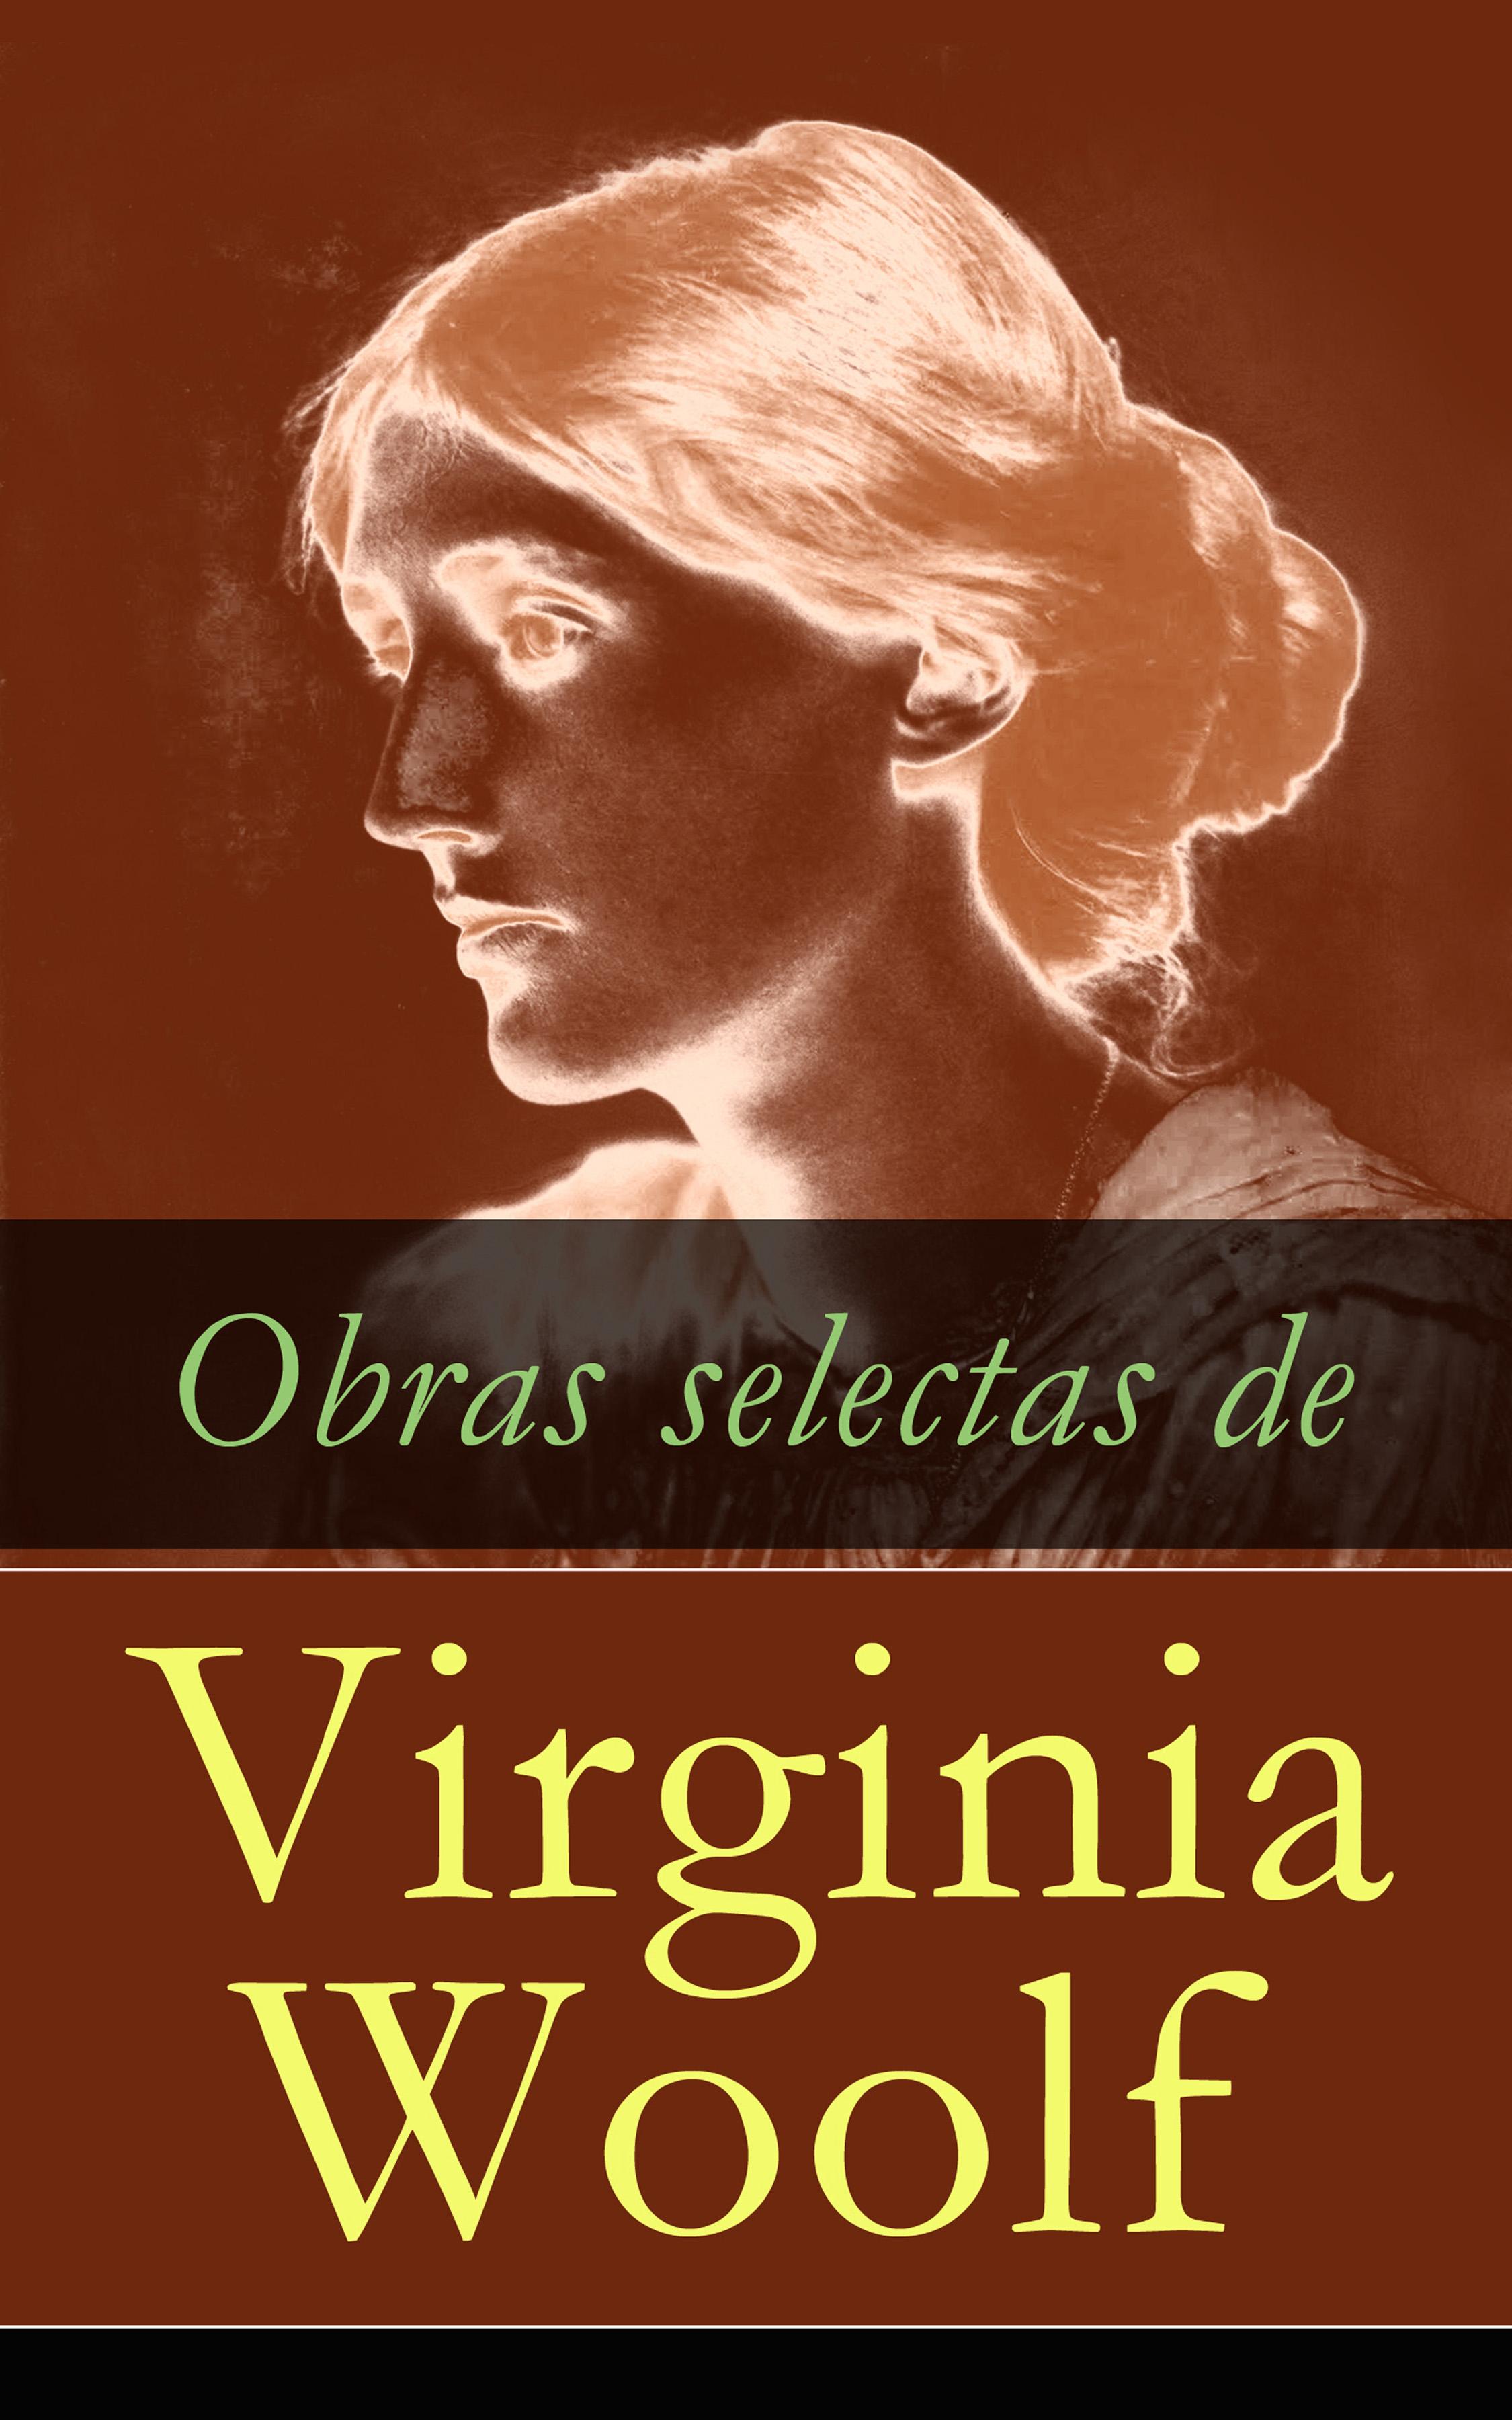 Virginia Woolf Obras selectas de Virginia Woolf virginia woolf the collected essays of virginia woolf